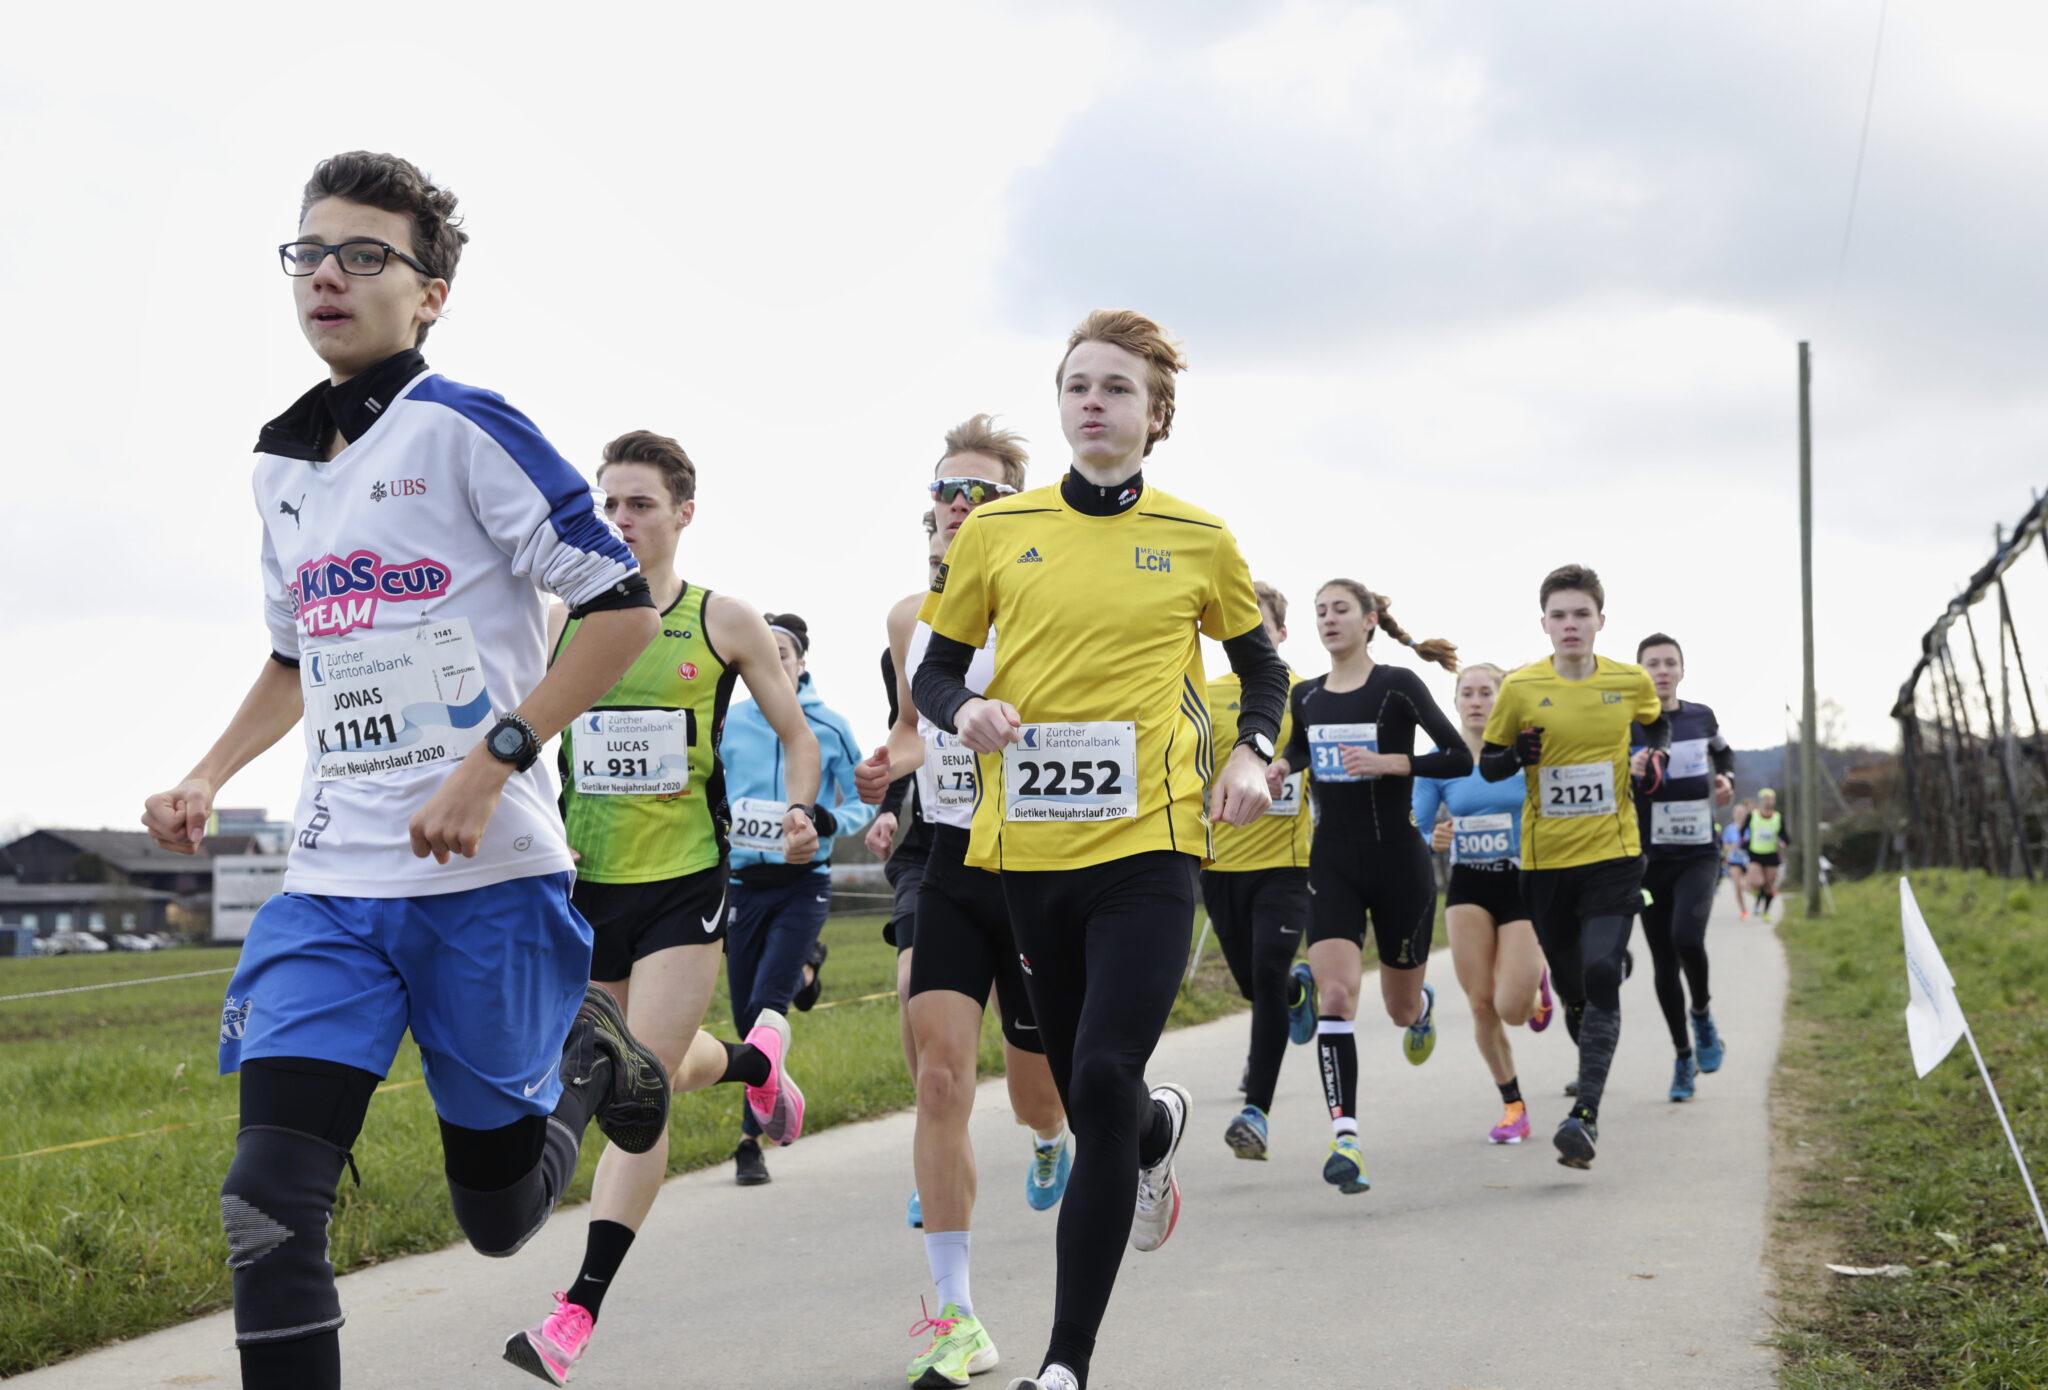 Fokussiert auf die Strecke: Cyrill Rüttimann vor Yannik und Morris Deiss